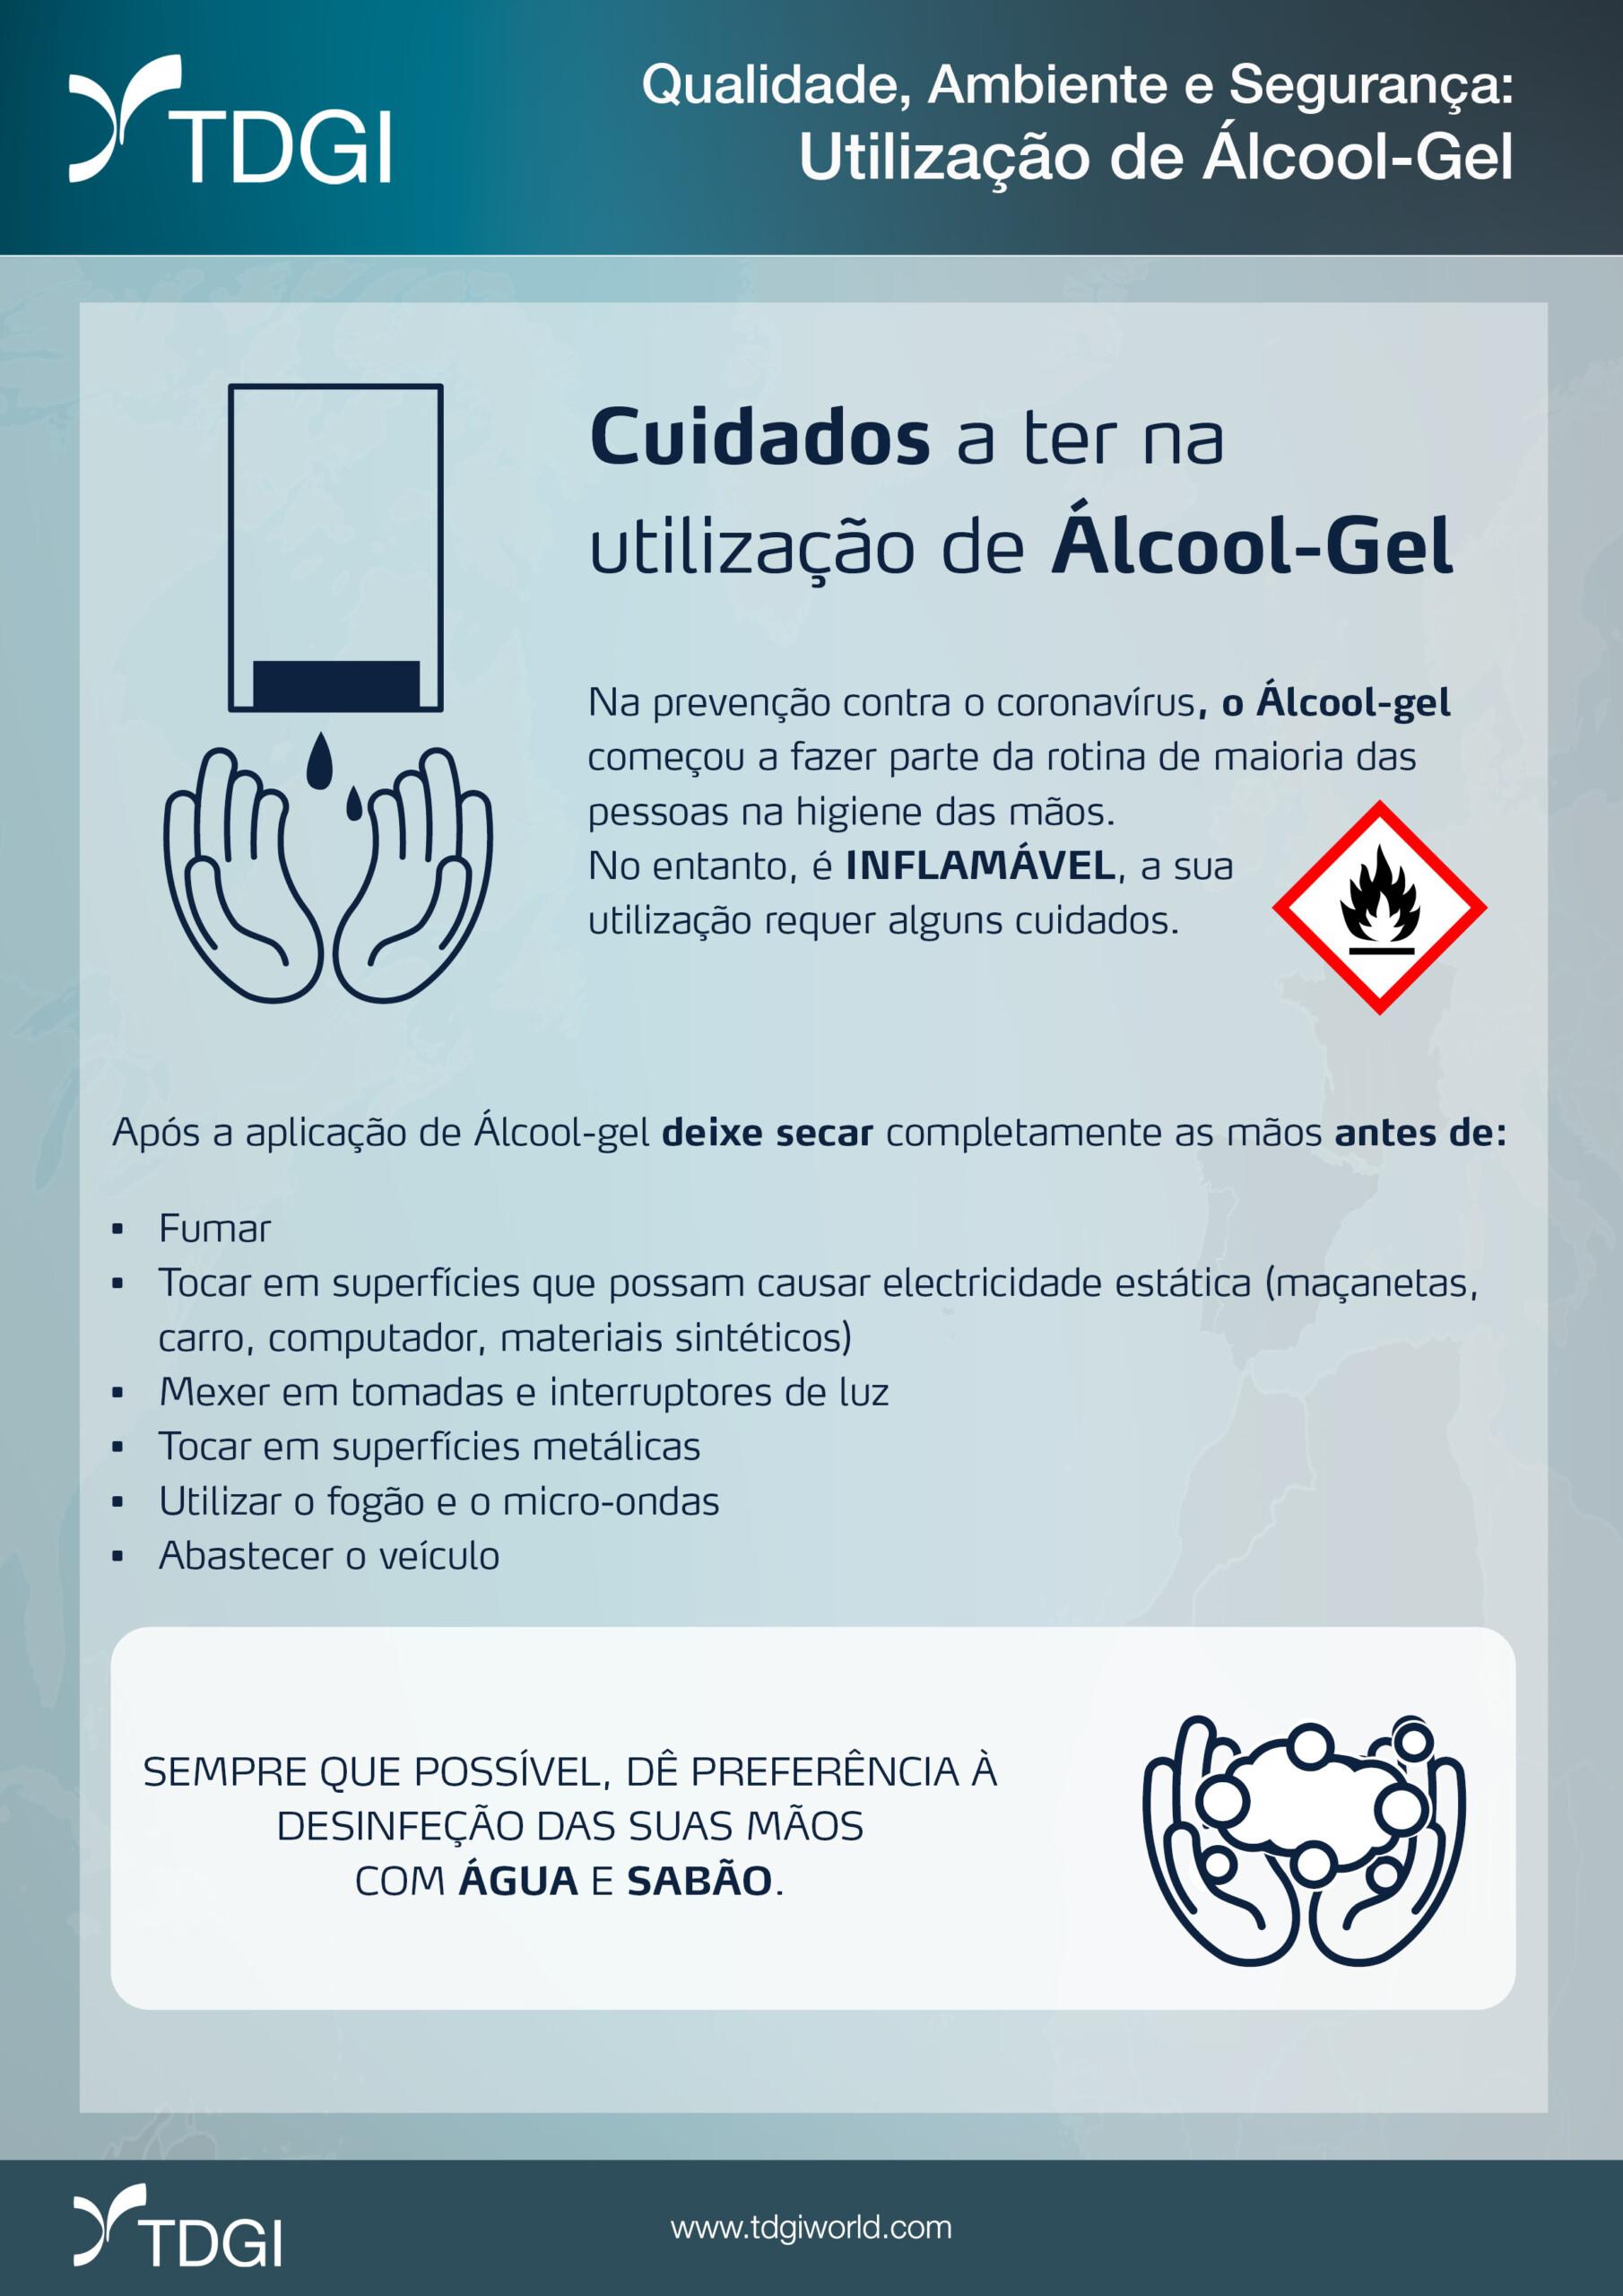 Perigos da utilização de alcool-gel